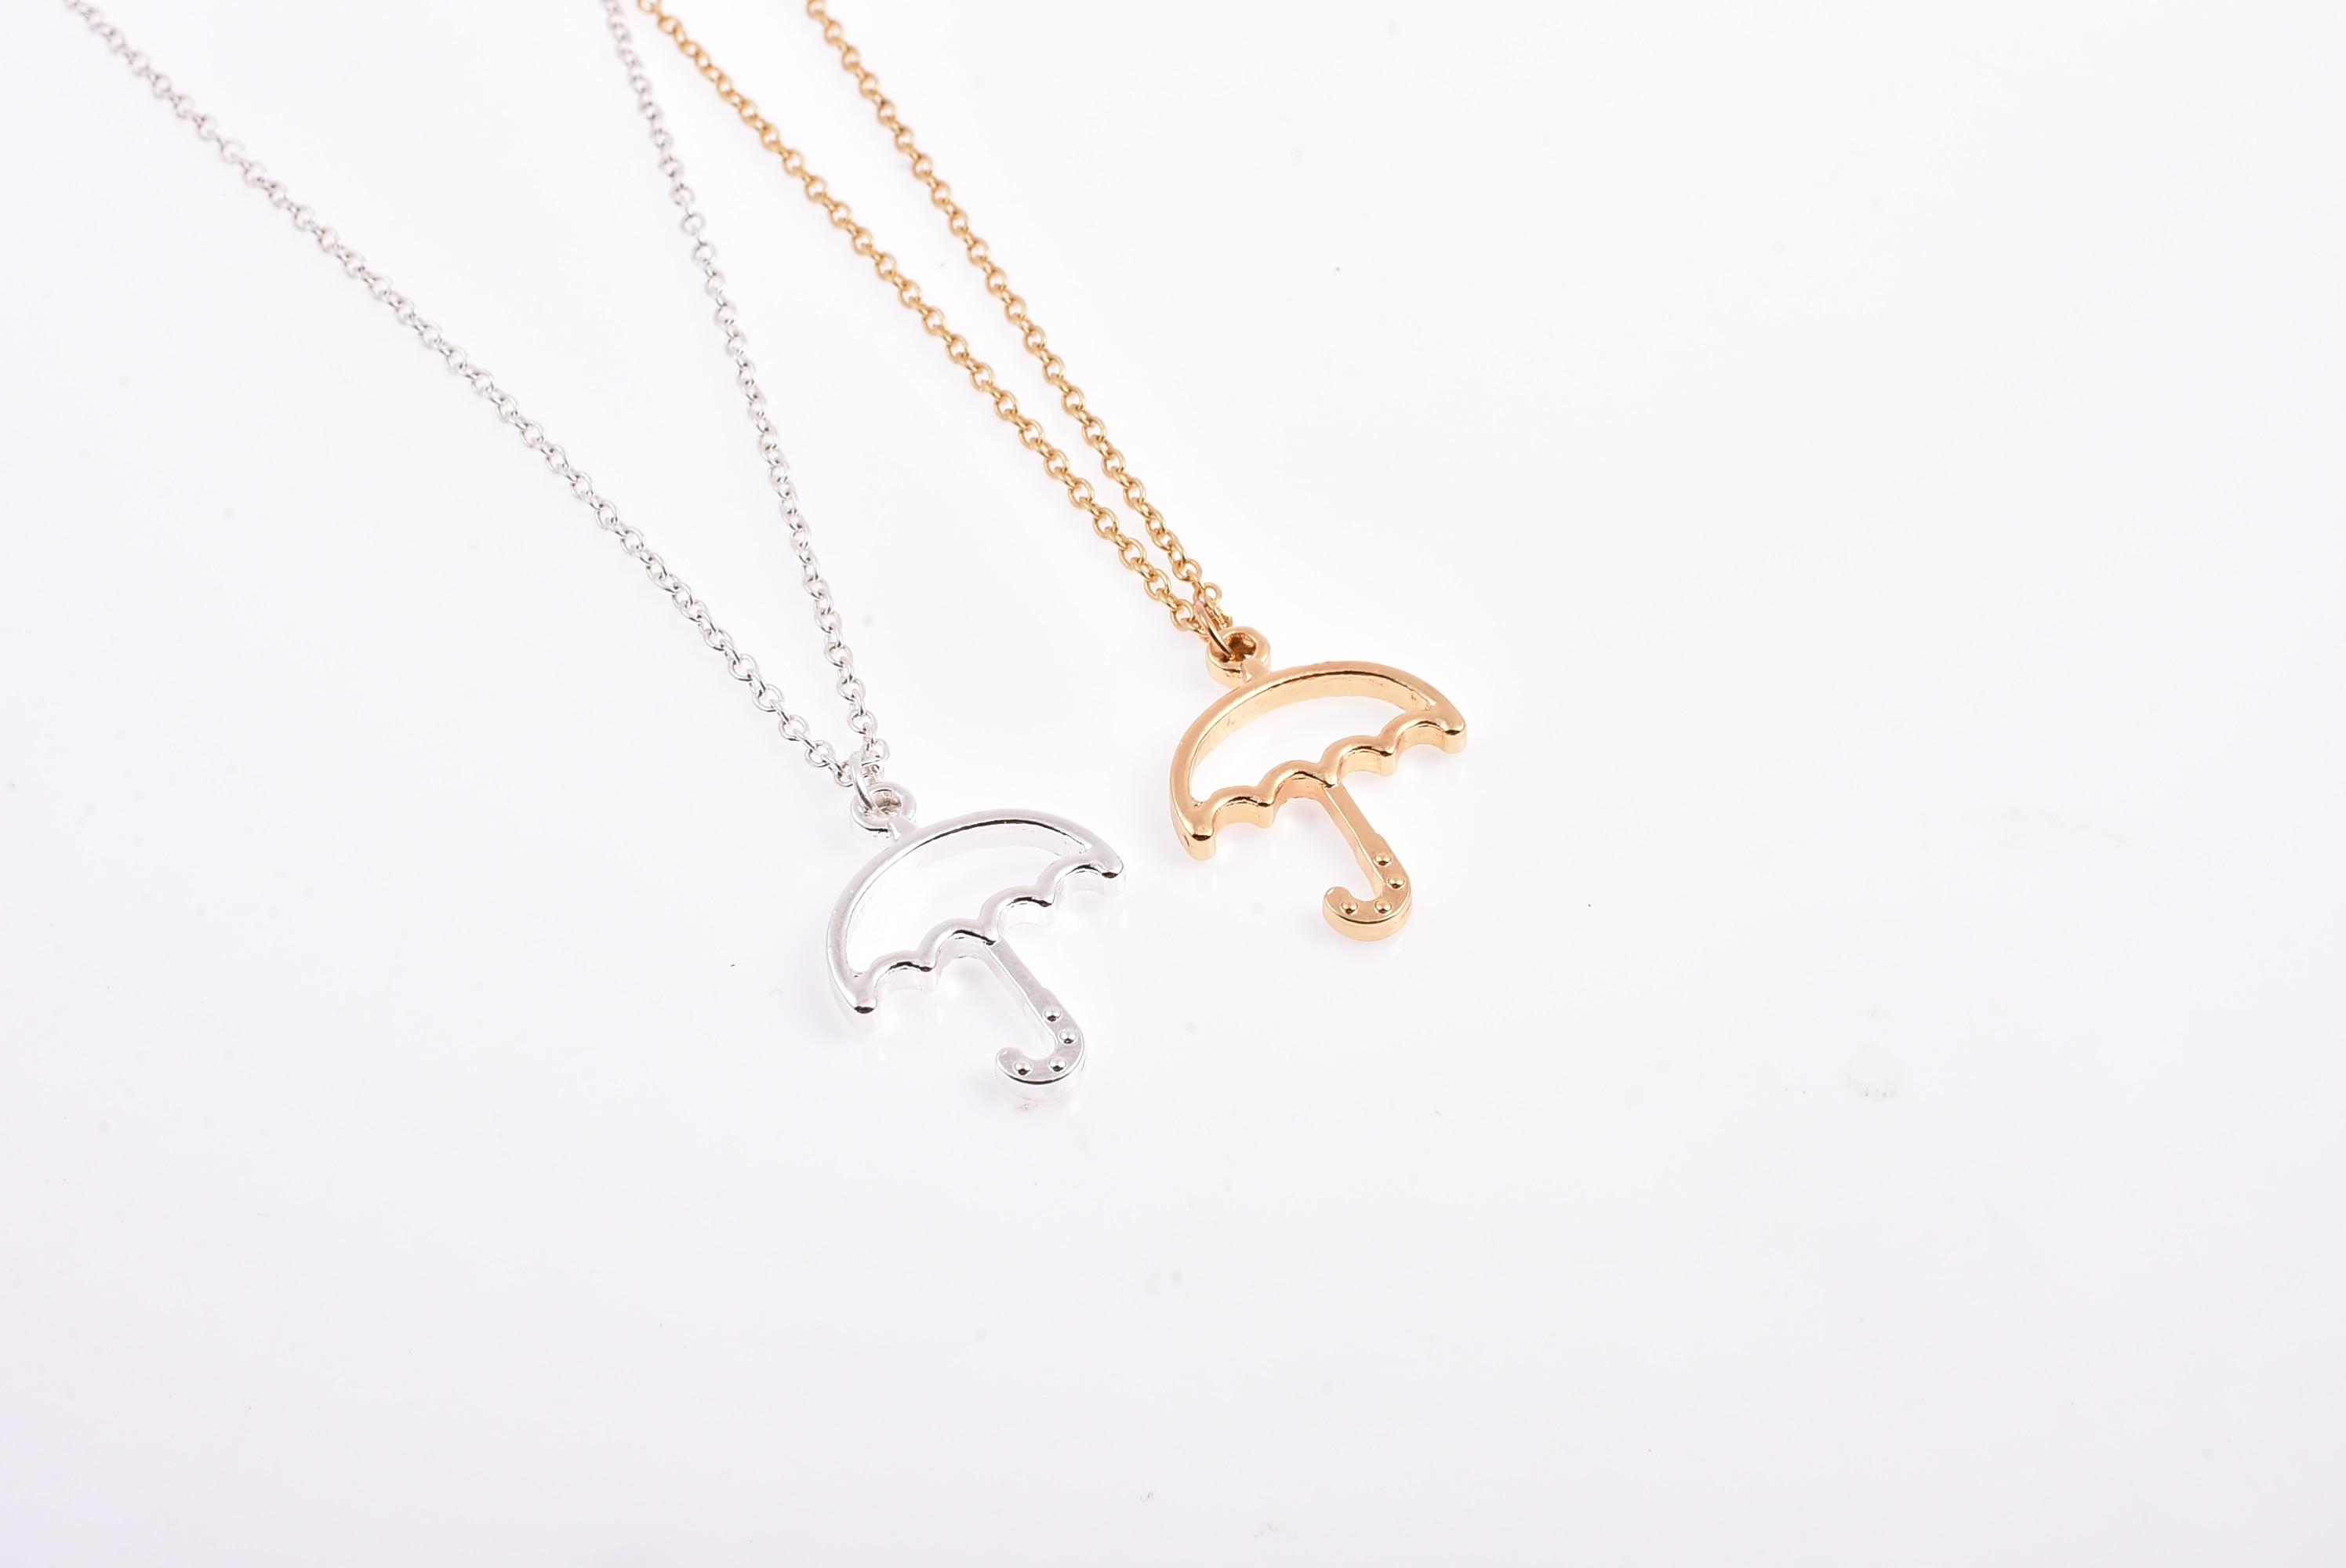 Полый зонтик, Очаровательное ожерелье от солнца и дождя, ожерелье Brolly, ювелирные изделия для подарка